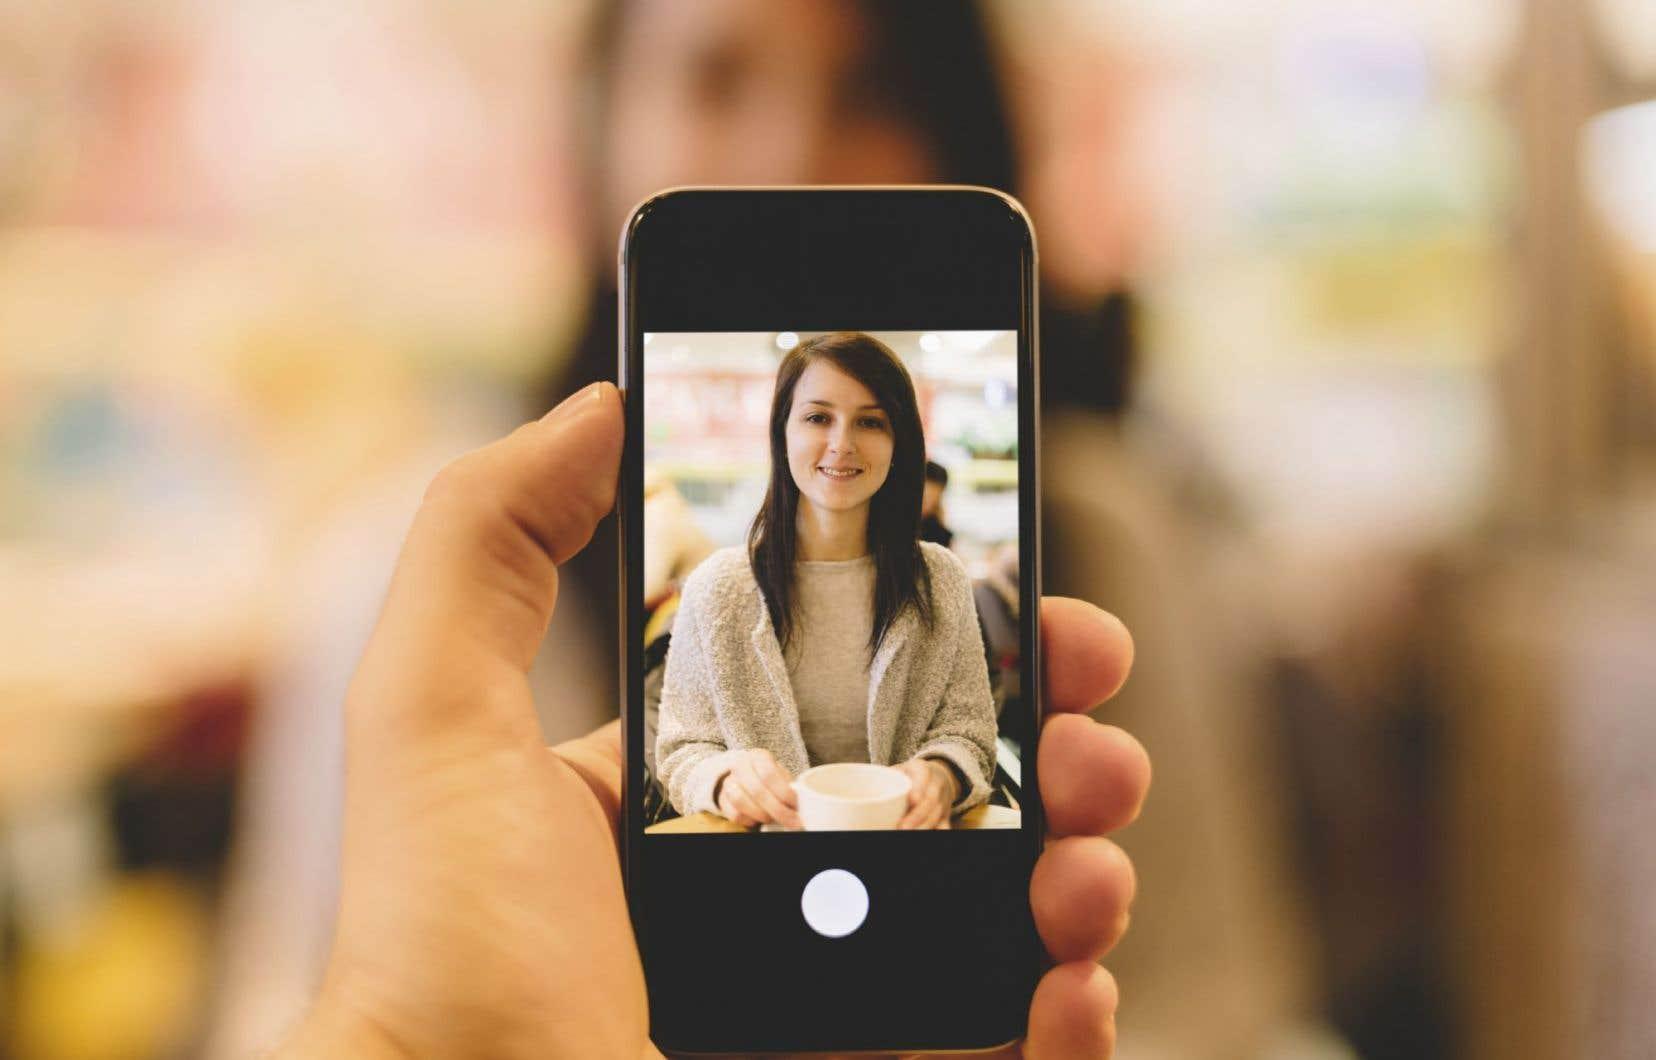 La base de données d'images la plus importante au monde appartient à Facebook et elle est alimentée à longueur de journée par les utilisateurs eux-mêmes.